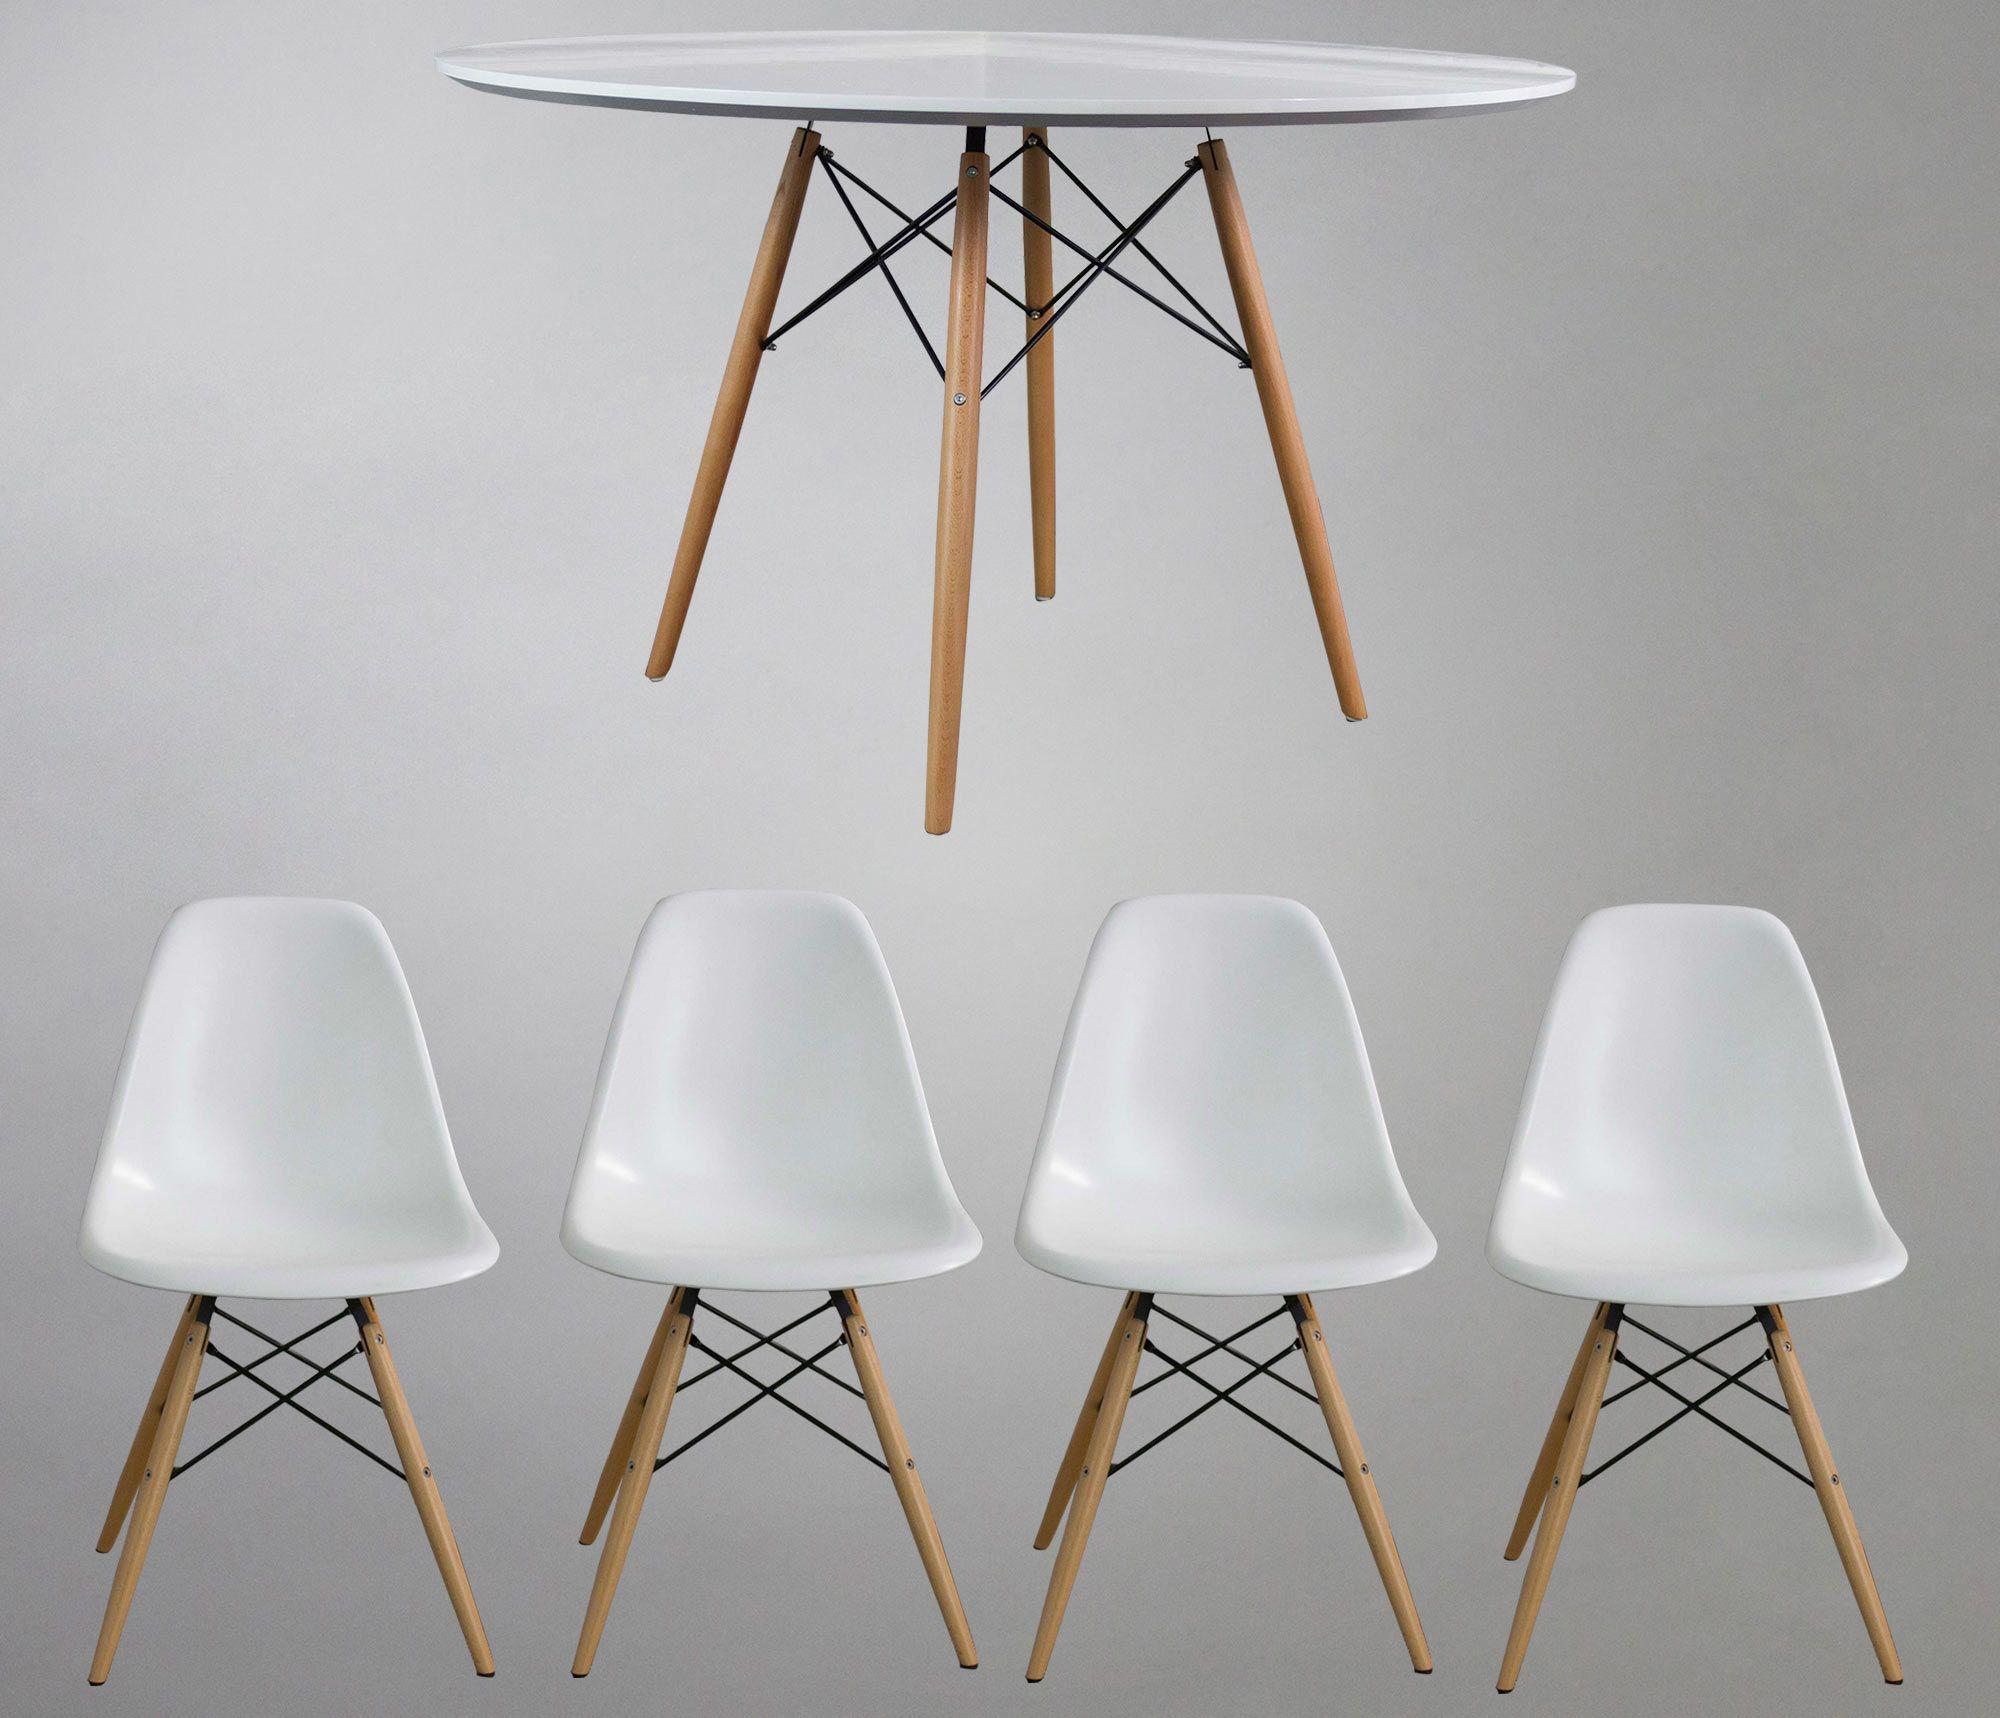 set de sillas replica eames con una mesa para amueblar tu casa de madera moderna